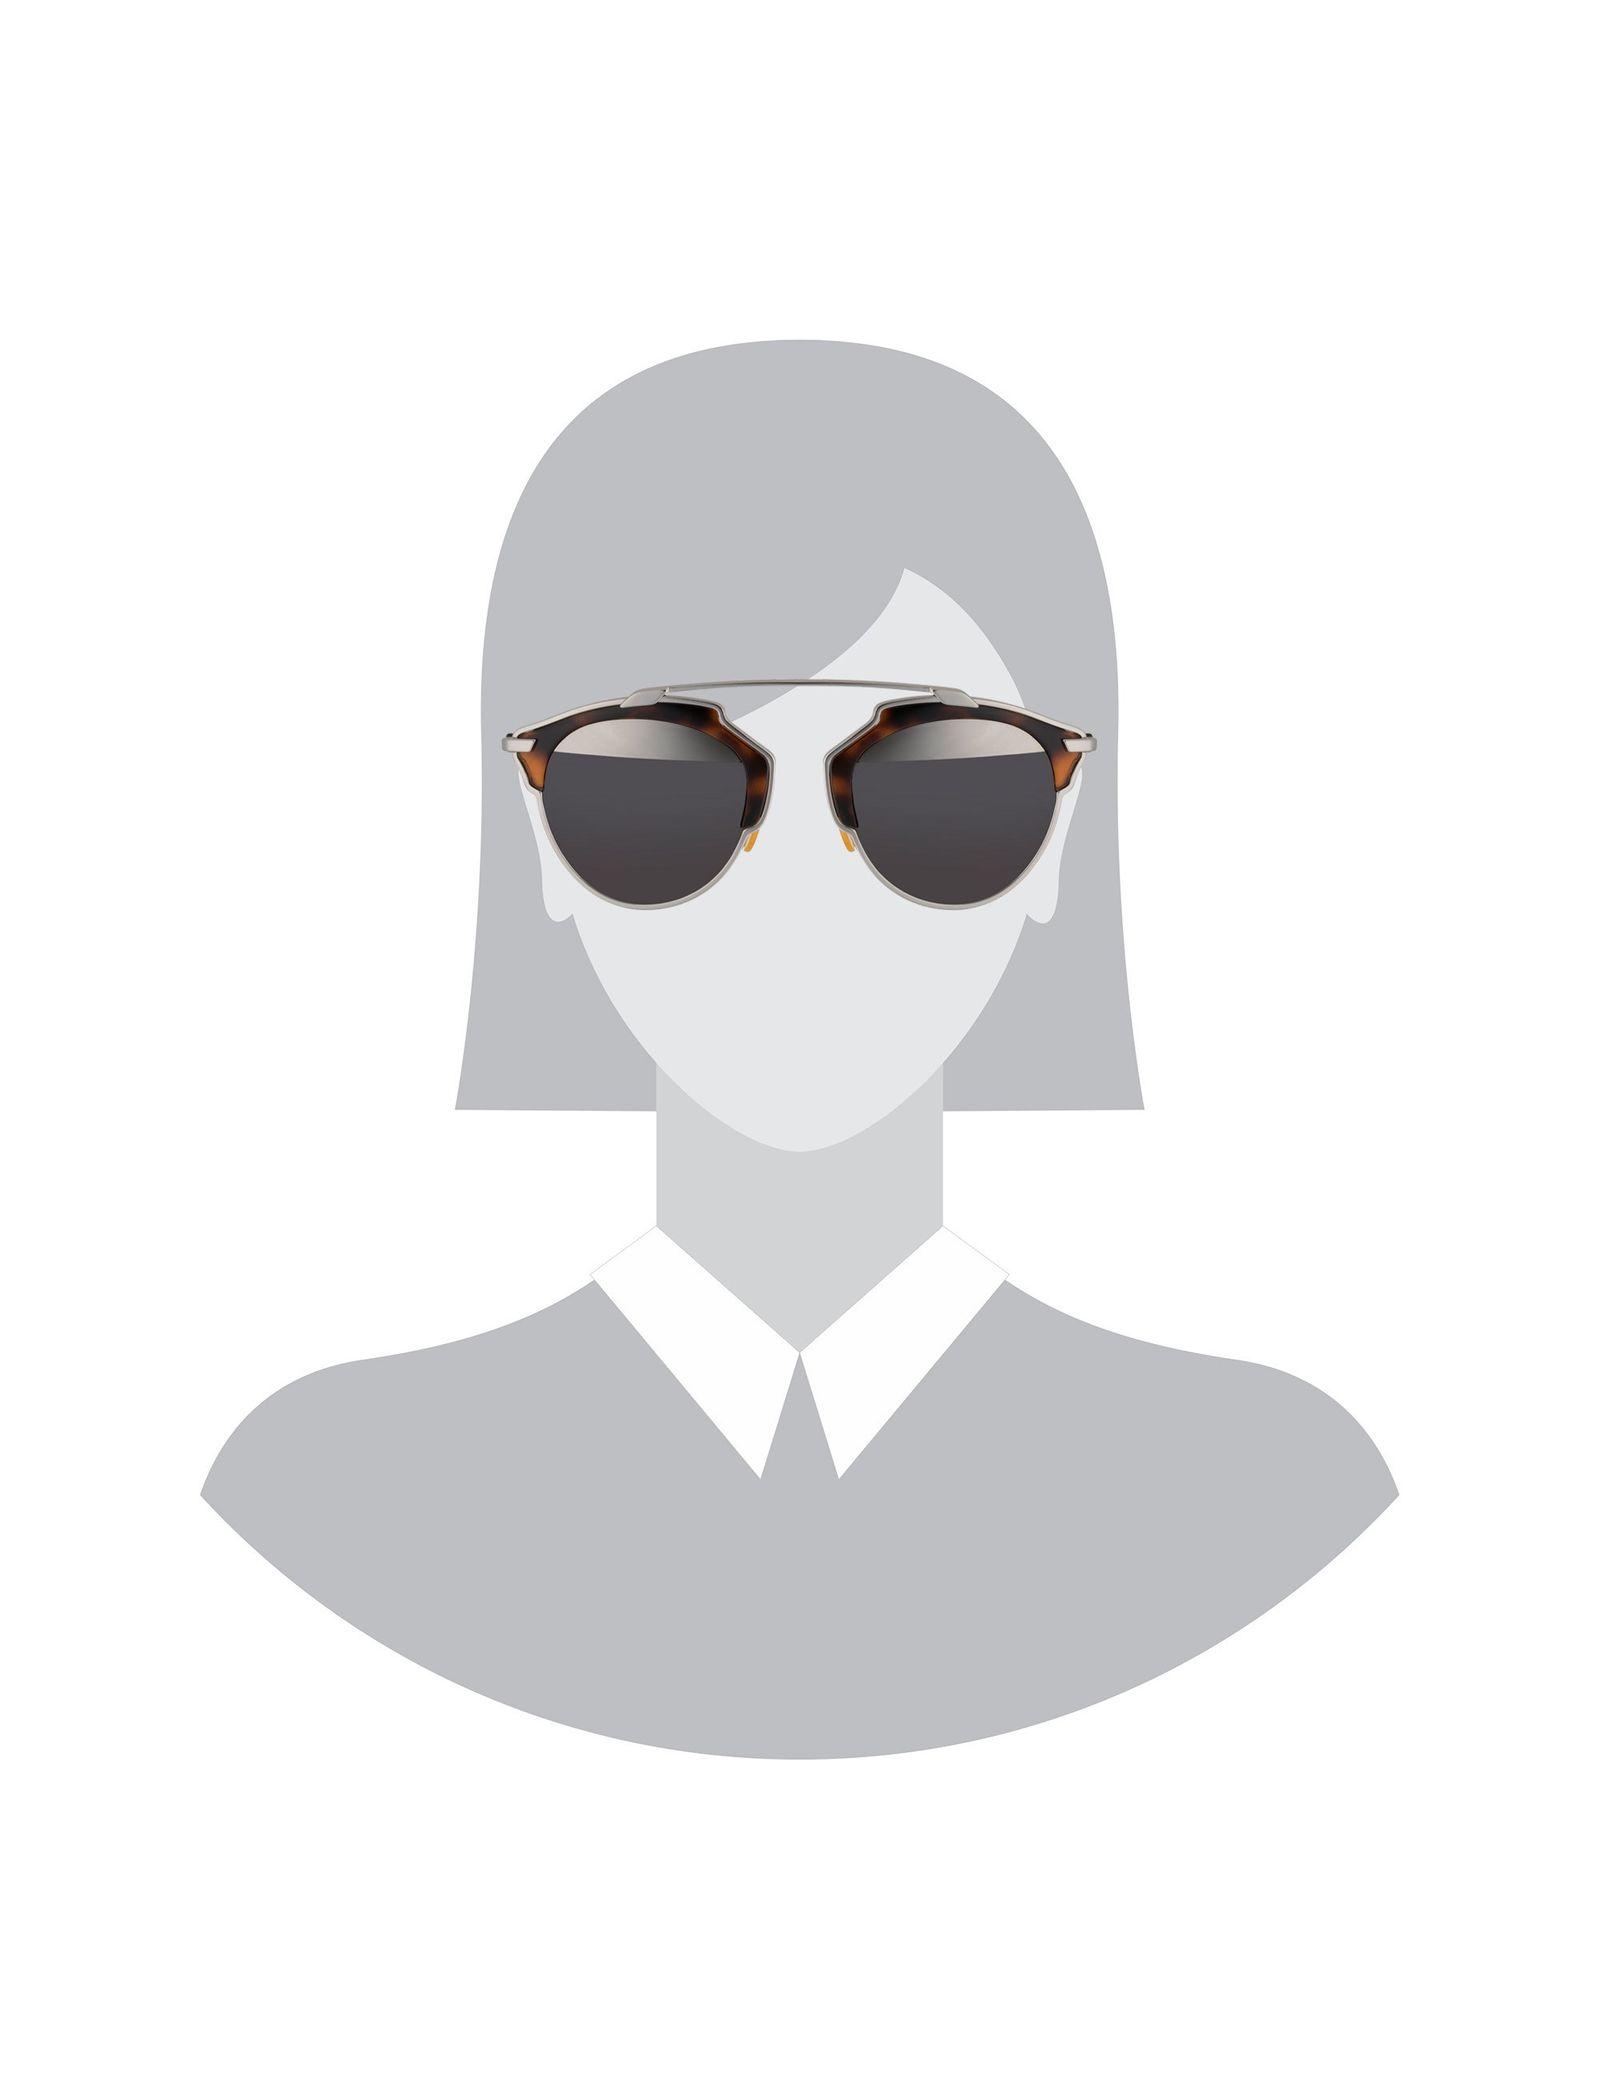 عینک آفتابی پنتوس زنانه - دیور - قهوه اي  - 5